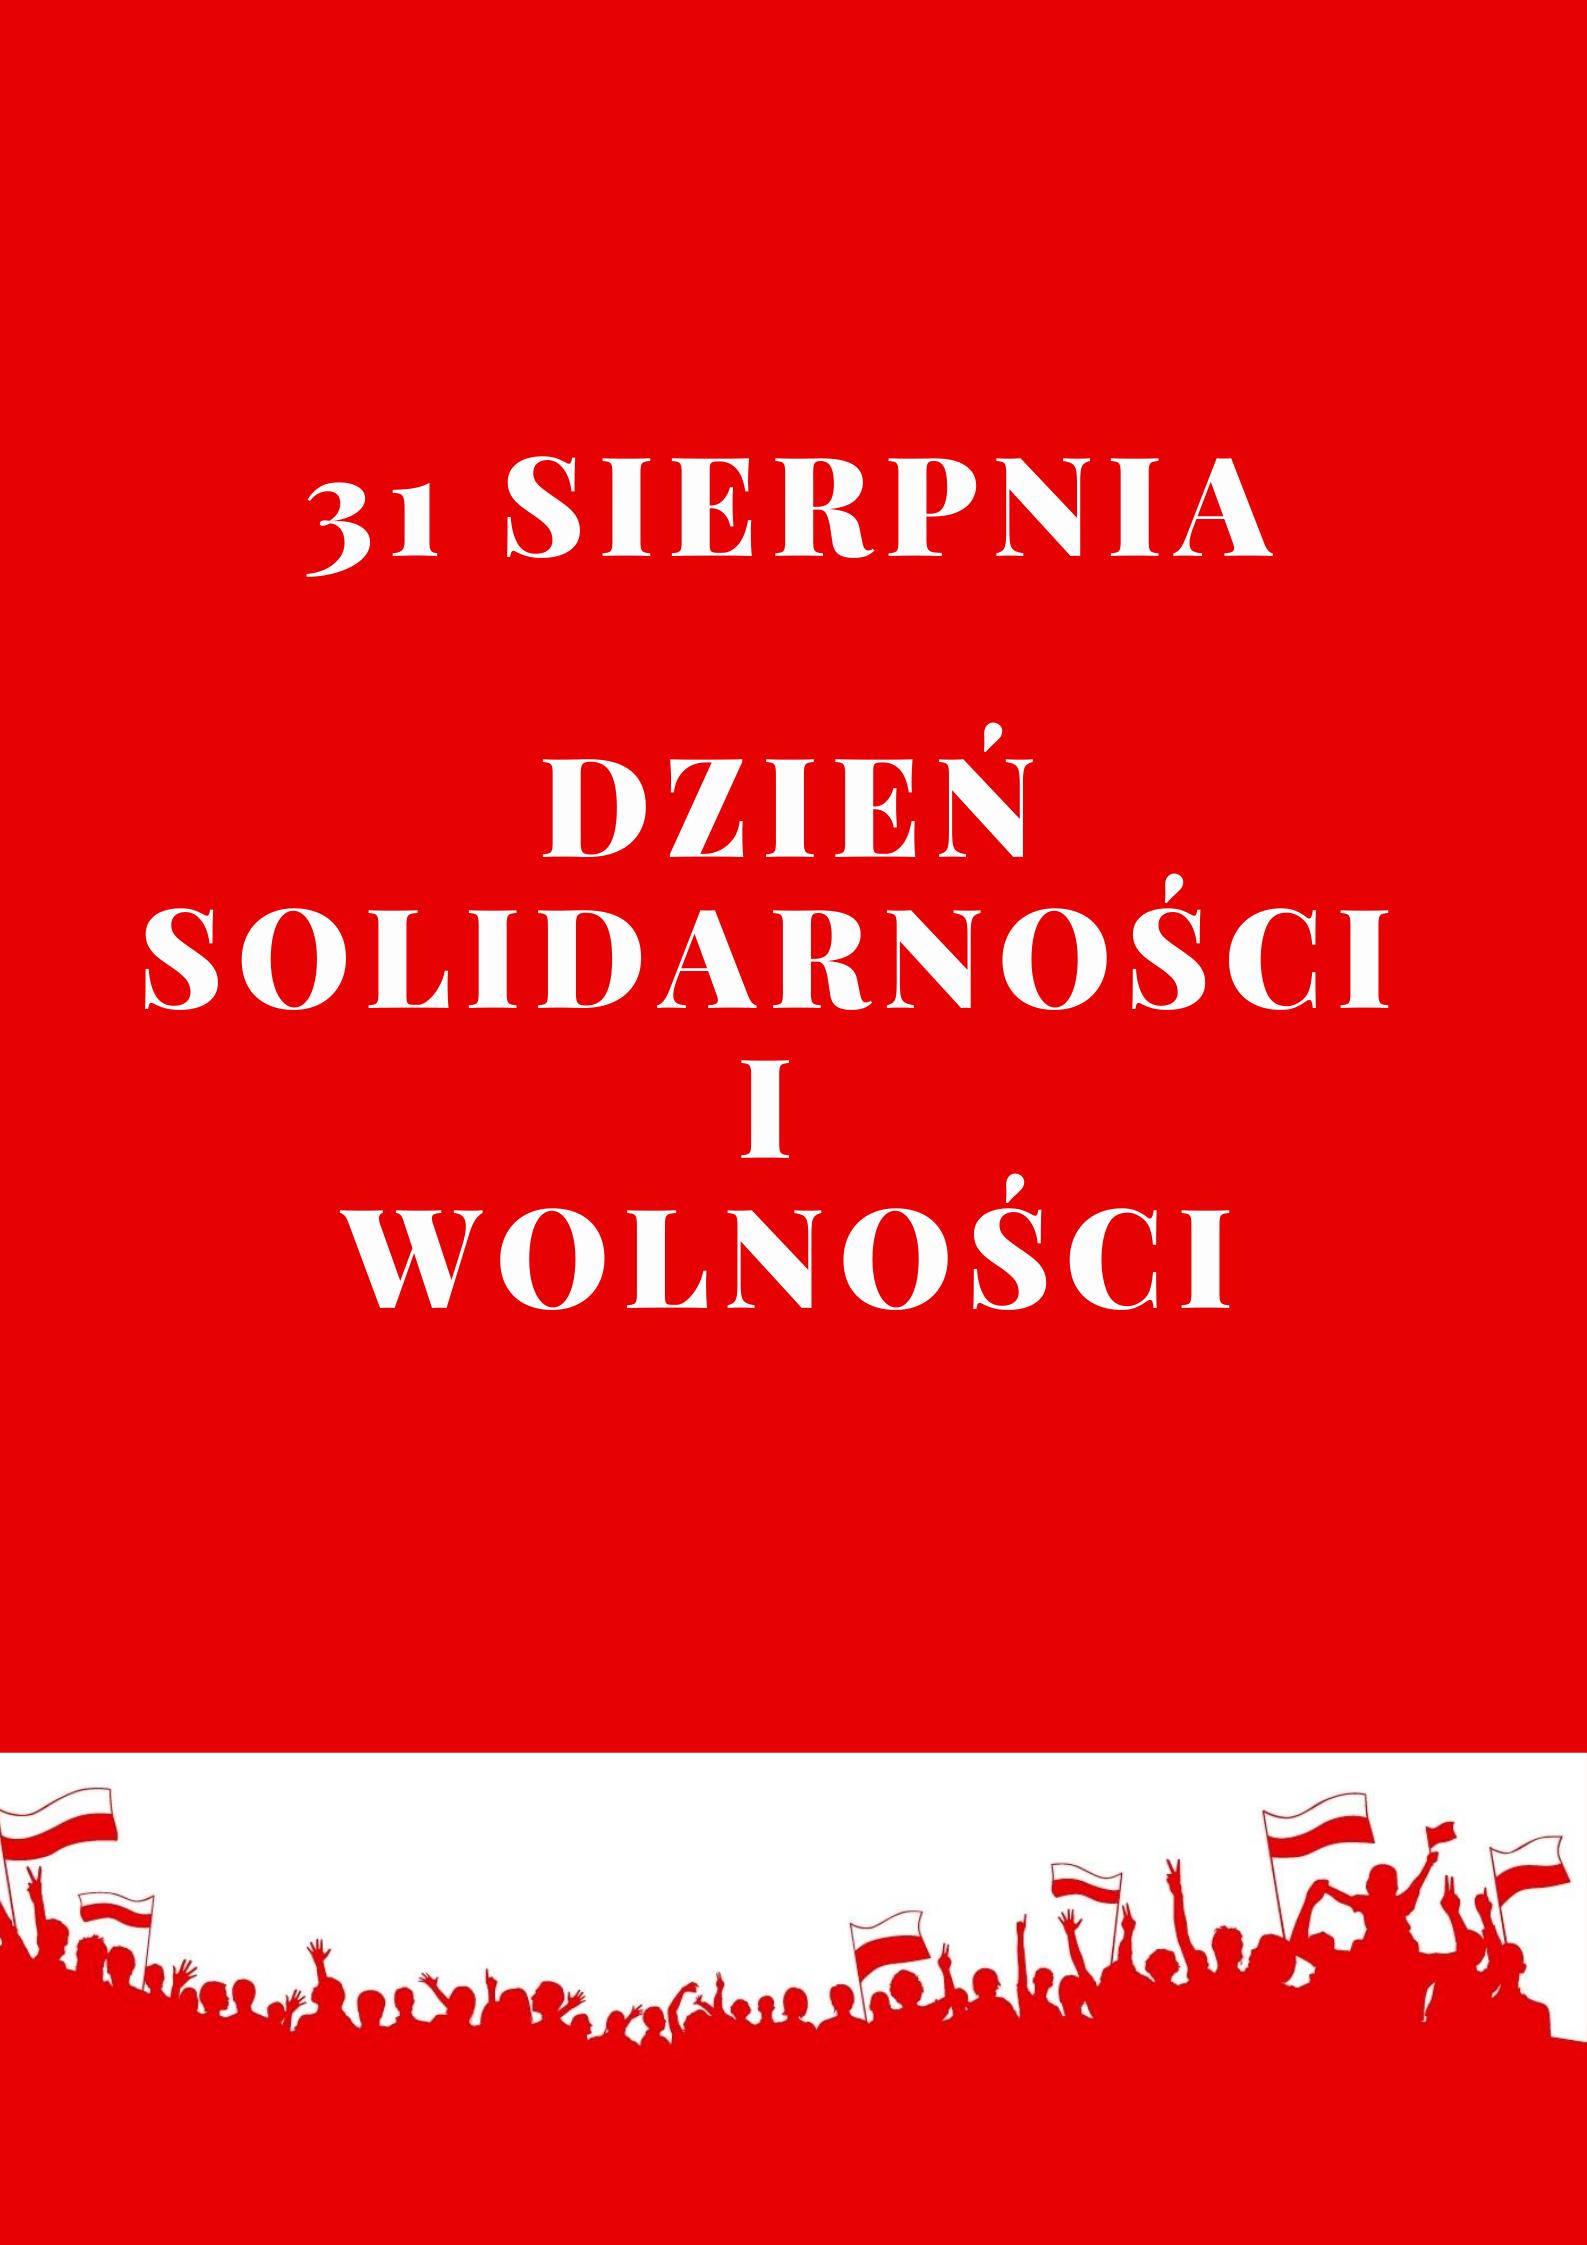 31 sierpnia Dzień Solidarności i Wolności